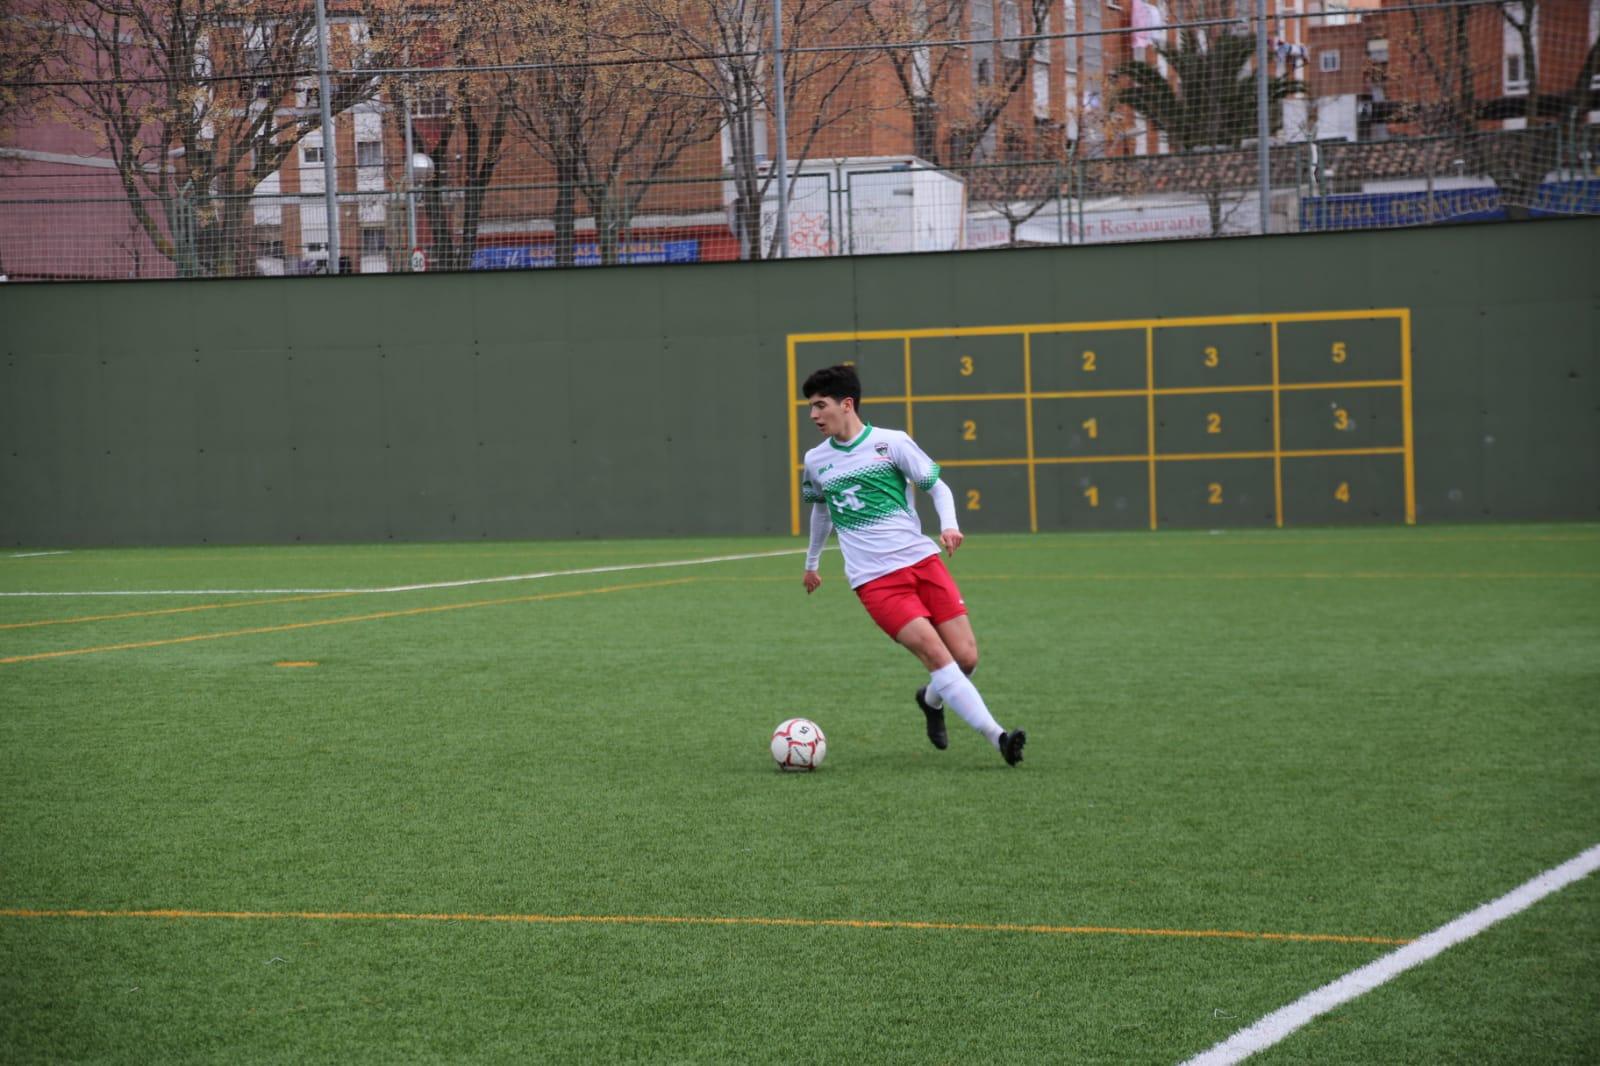 Villa, jugador del Juvenil 'B': «La confianza en los compañeros siempre es un punto positivo a la hora de competir»